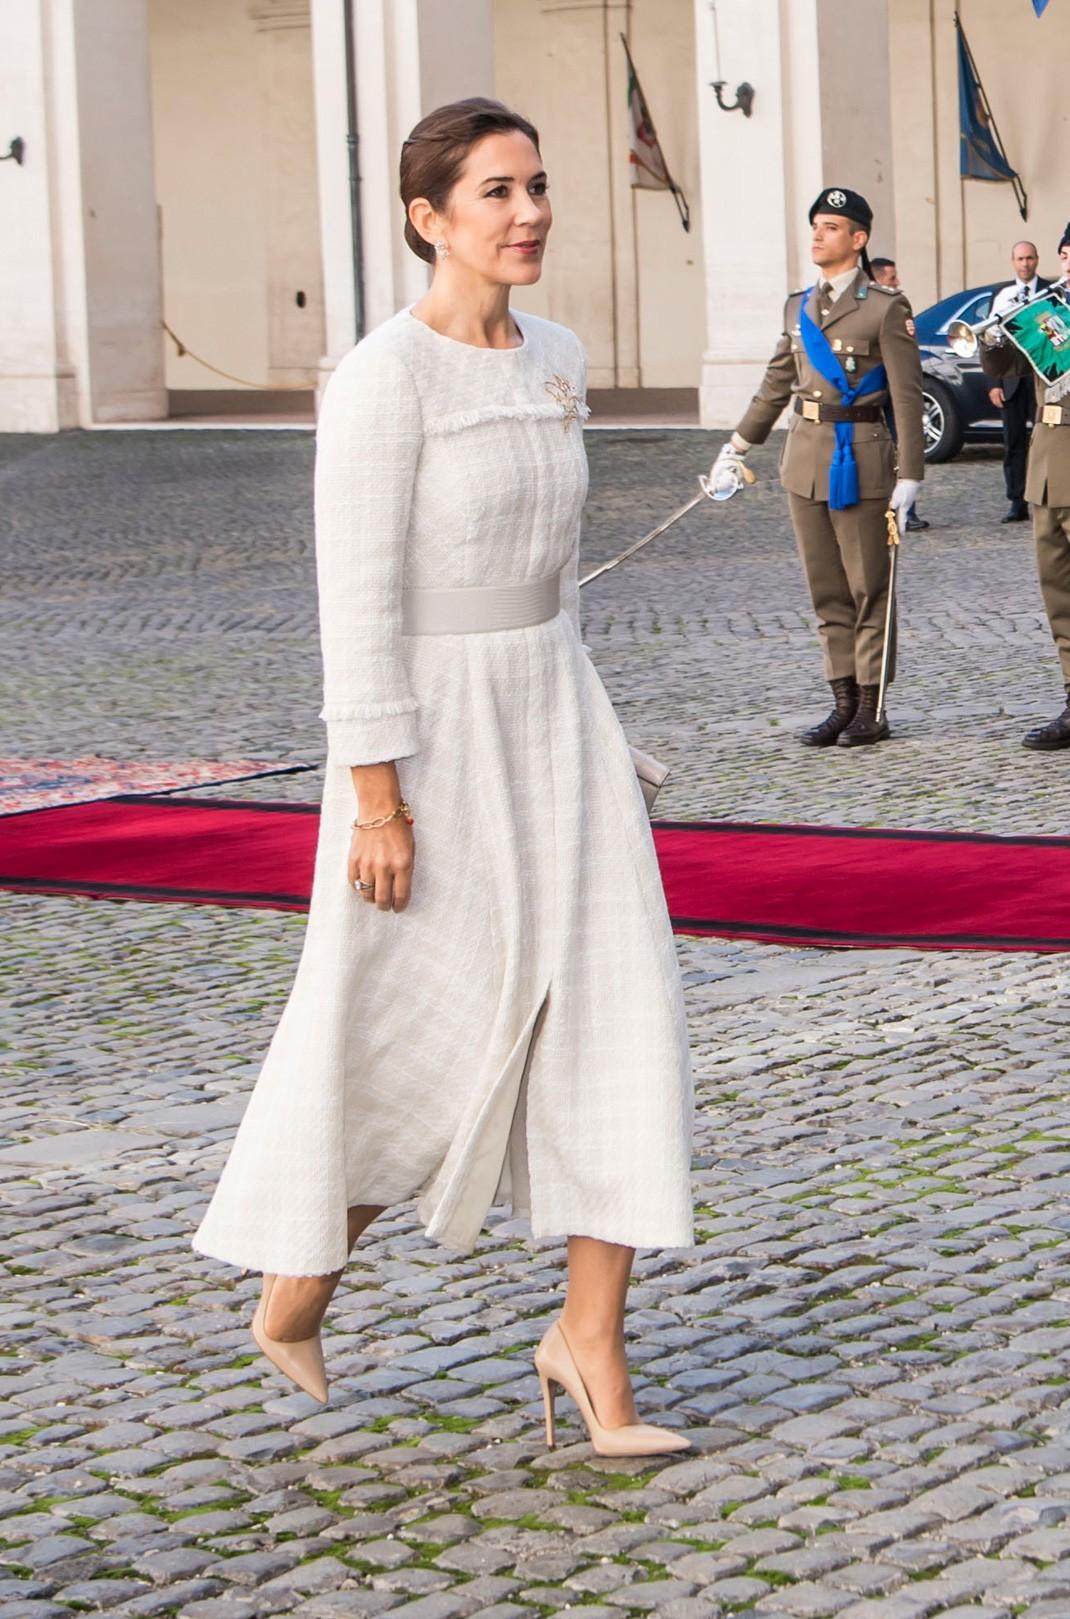 Cancion ponte tu vestido blanco